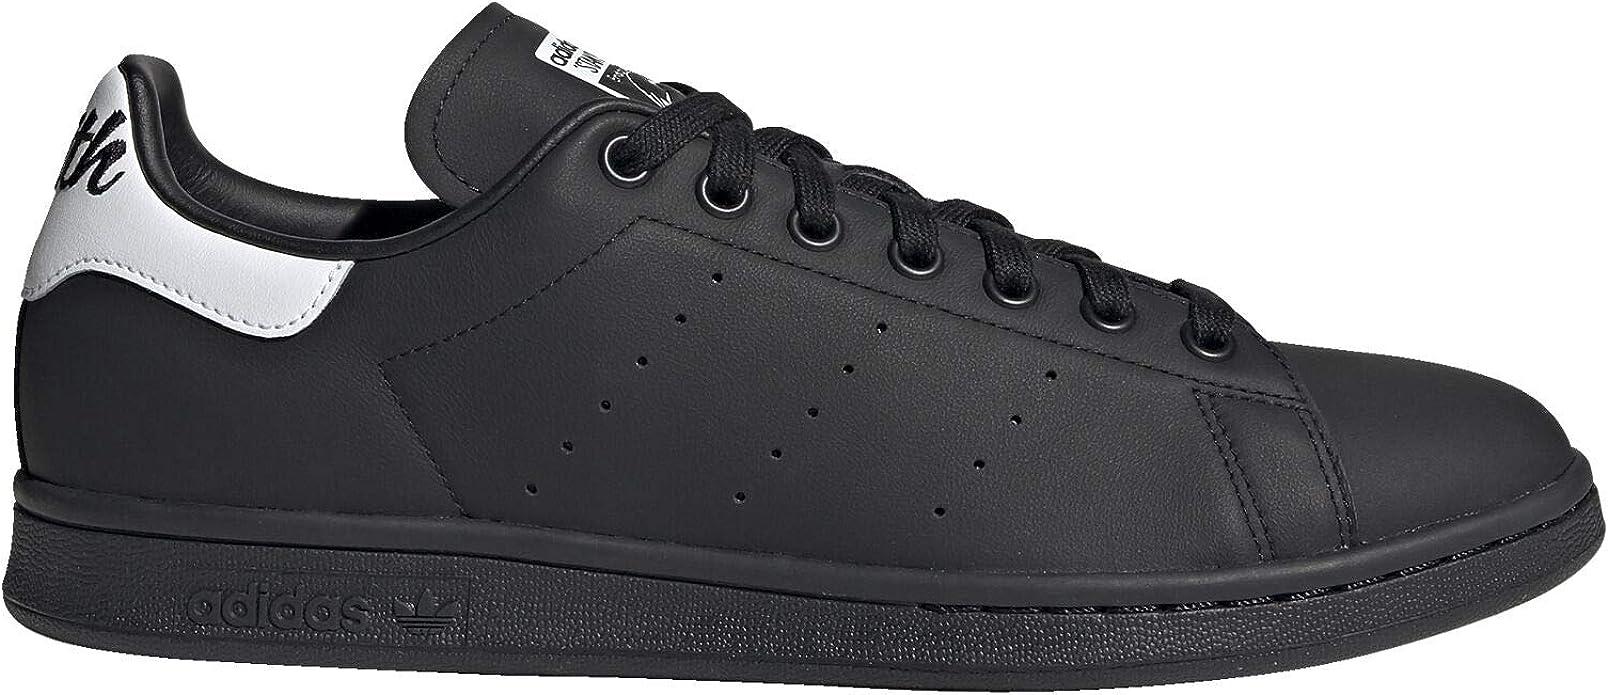 Details zu Adidas Turnschuhe Sneaker VINTAGE Leder Oldschool Gr. 41 13 (7,5)